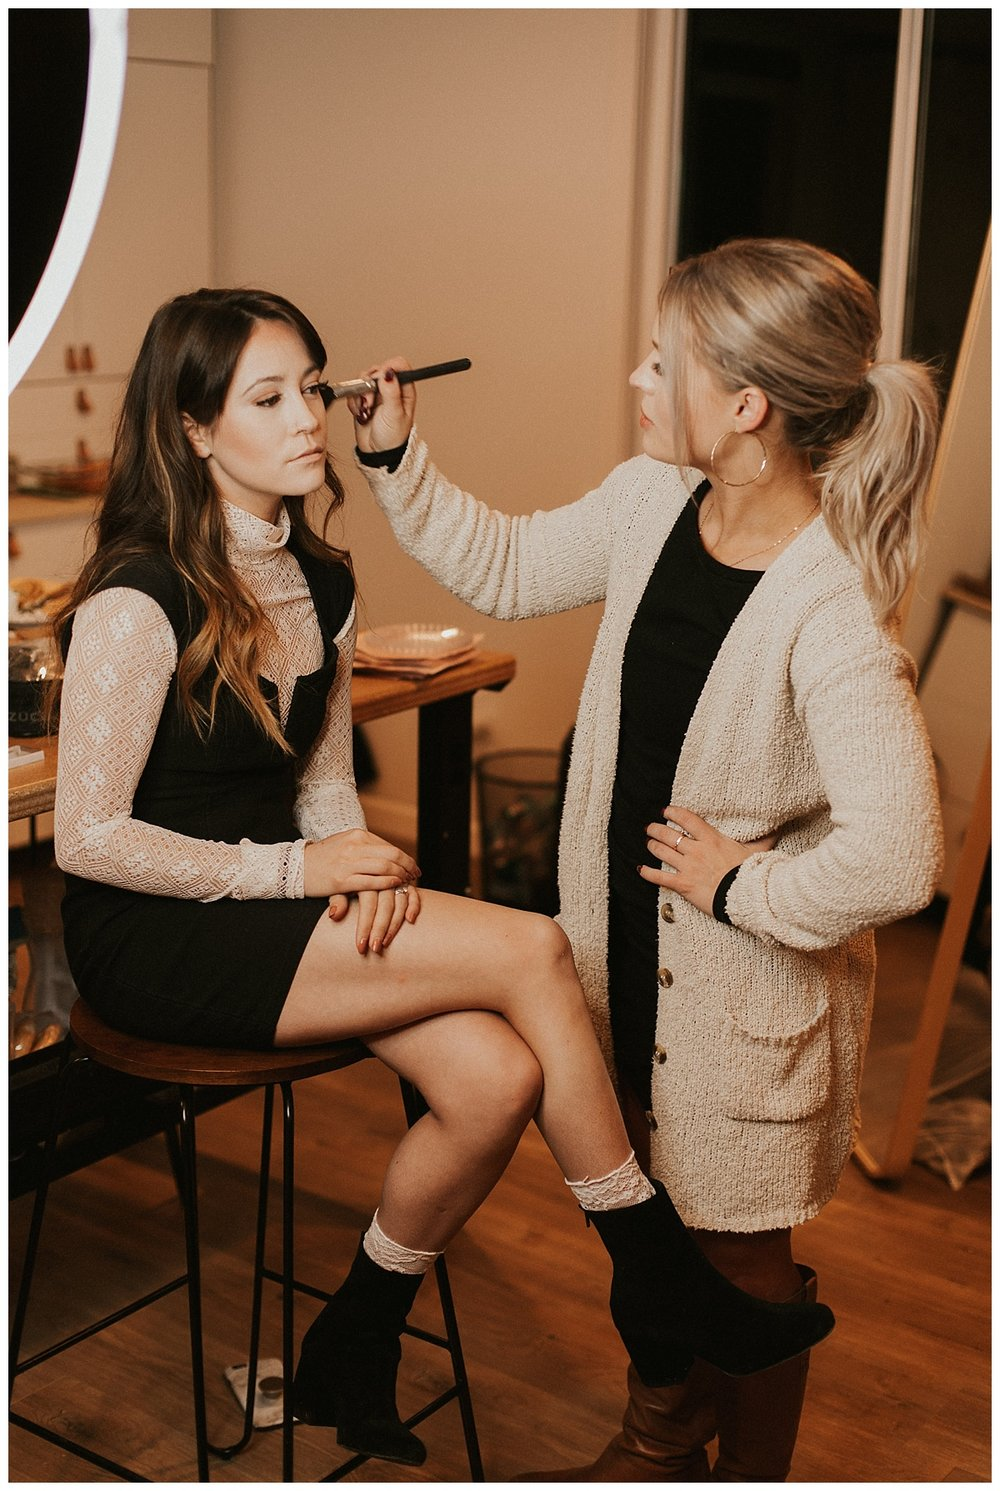 Makeup-by-Whit-Workshop-Sarah-Anne-Photo-BPHQ_0018.jpg